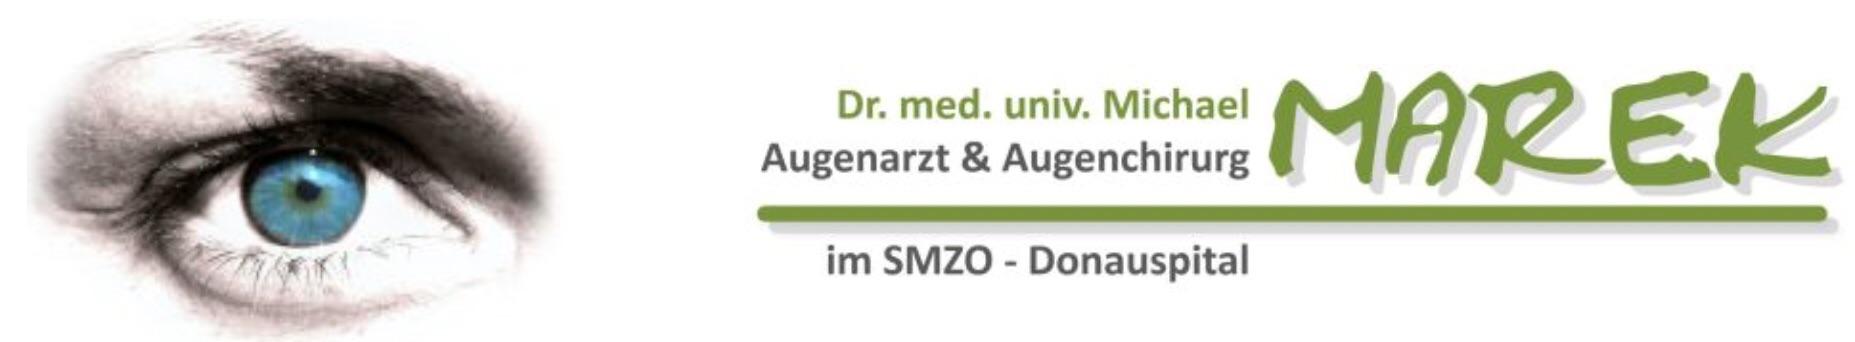 www.augenmedizin.at